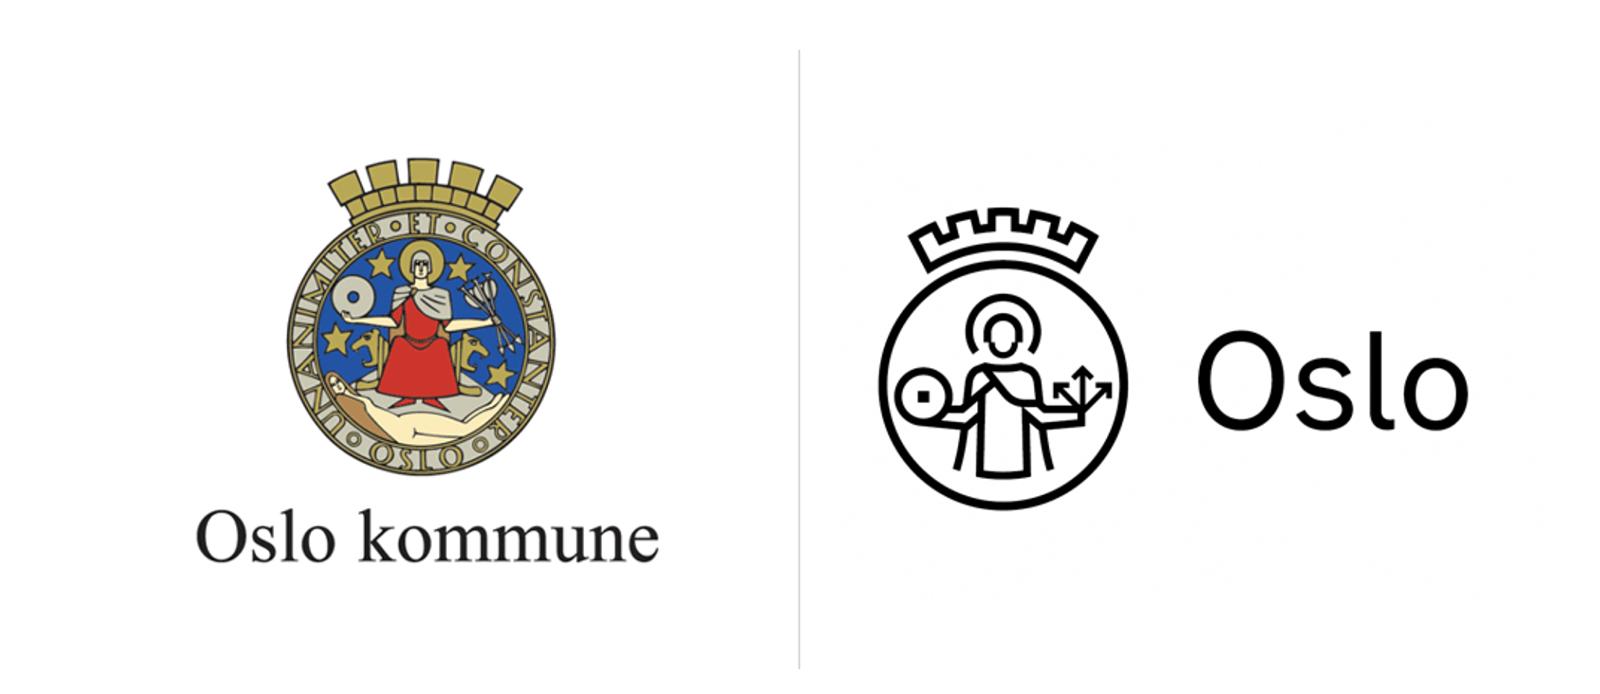 挪威Oslo奥斯陆城市更新全新的品牌logo和vi形象设计-深圳vi设计1